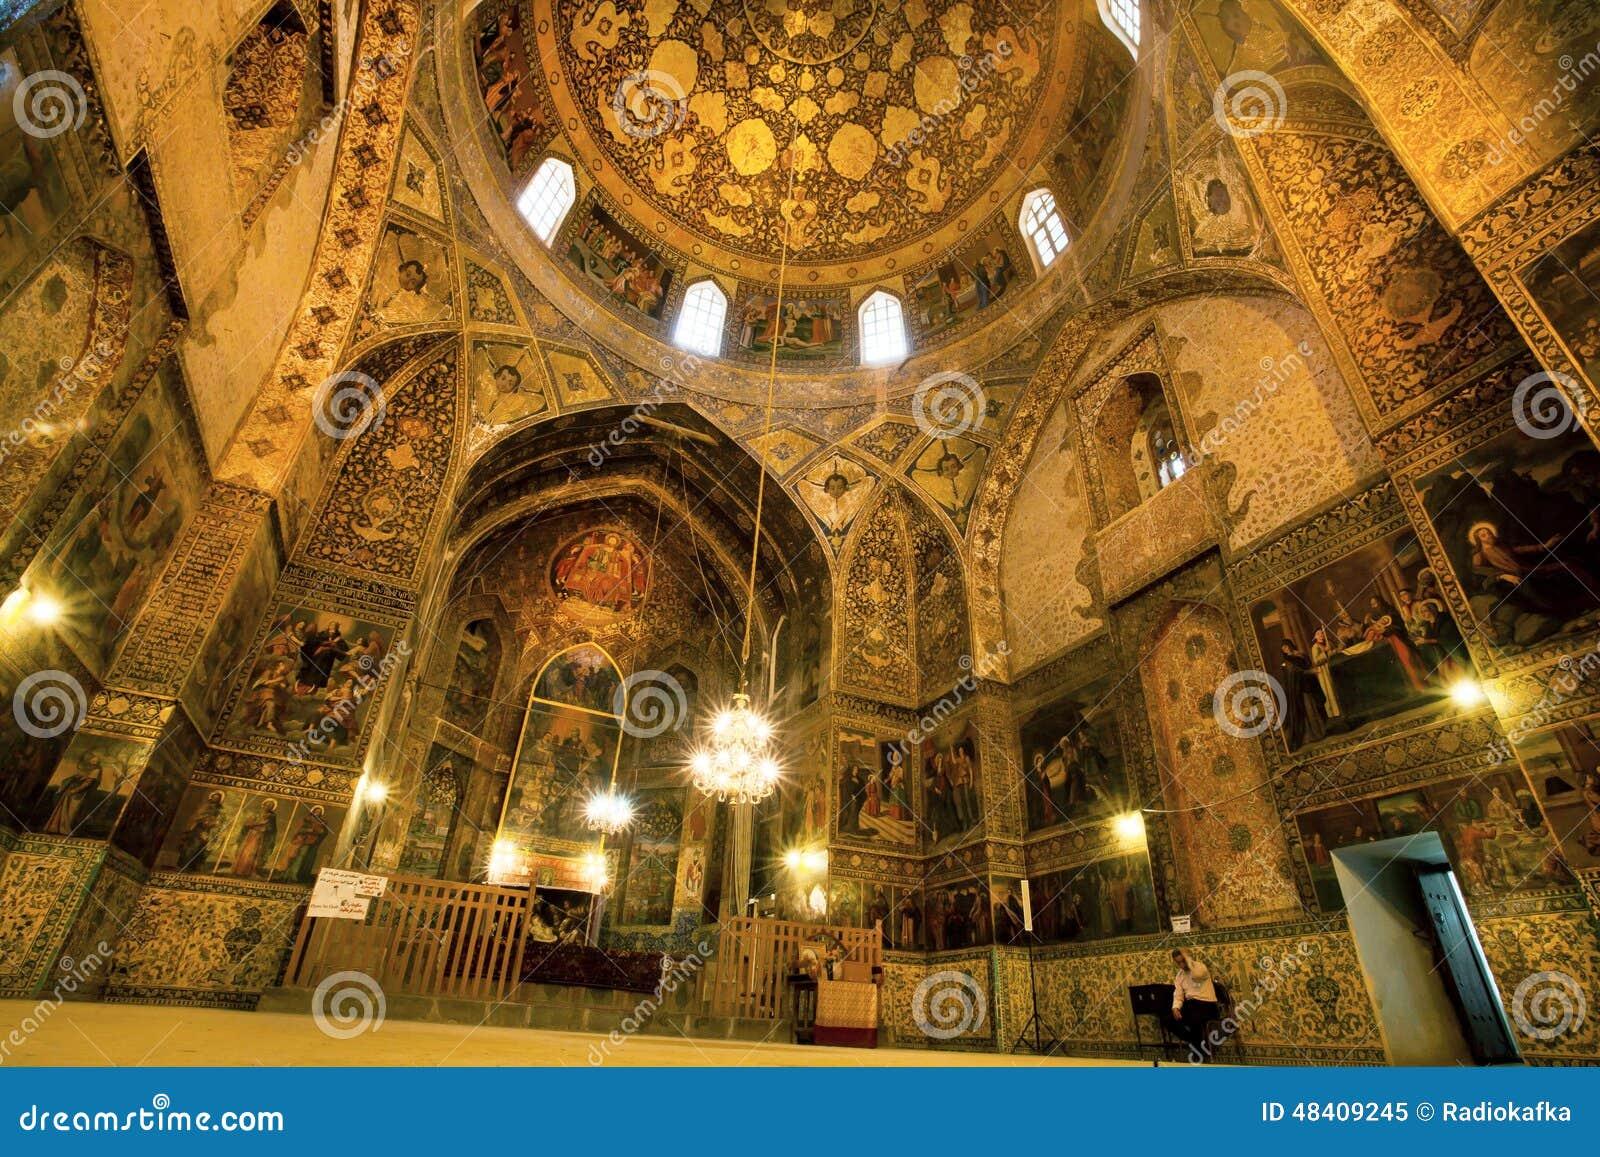 Binnen de oude armeense vank kathedraal met fresko 39 s van het uitstekende decor van jesus het - Binnen deco ...